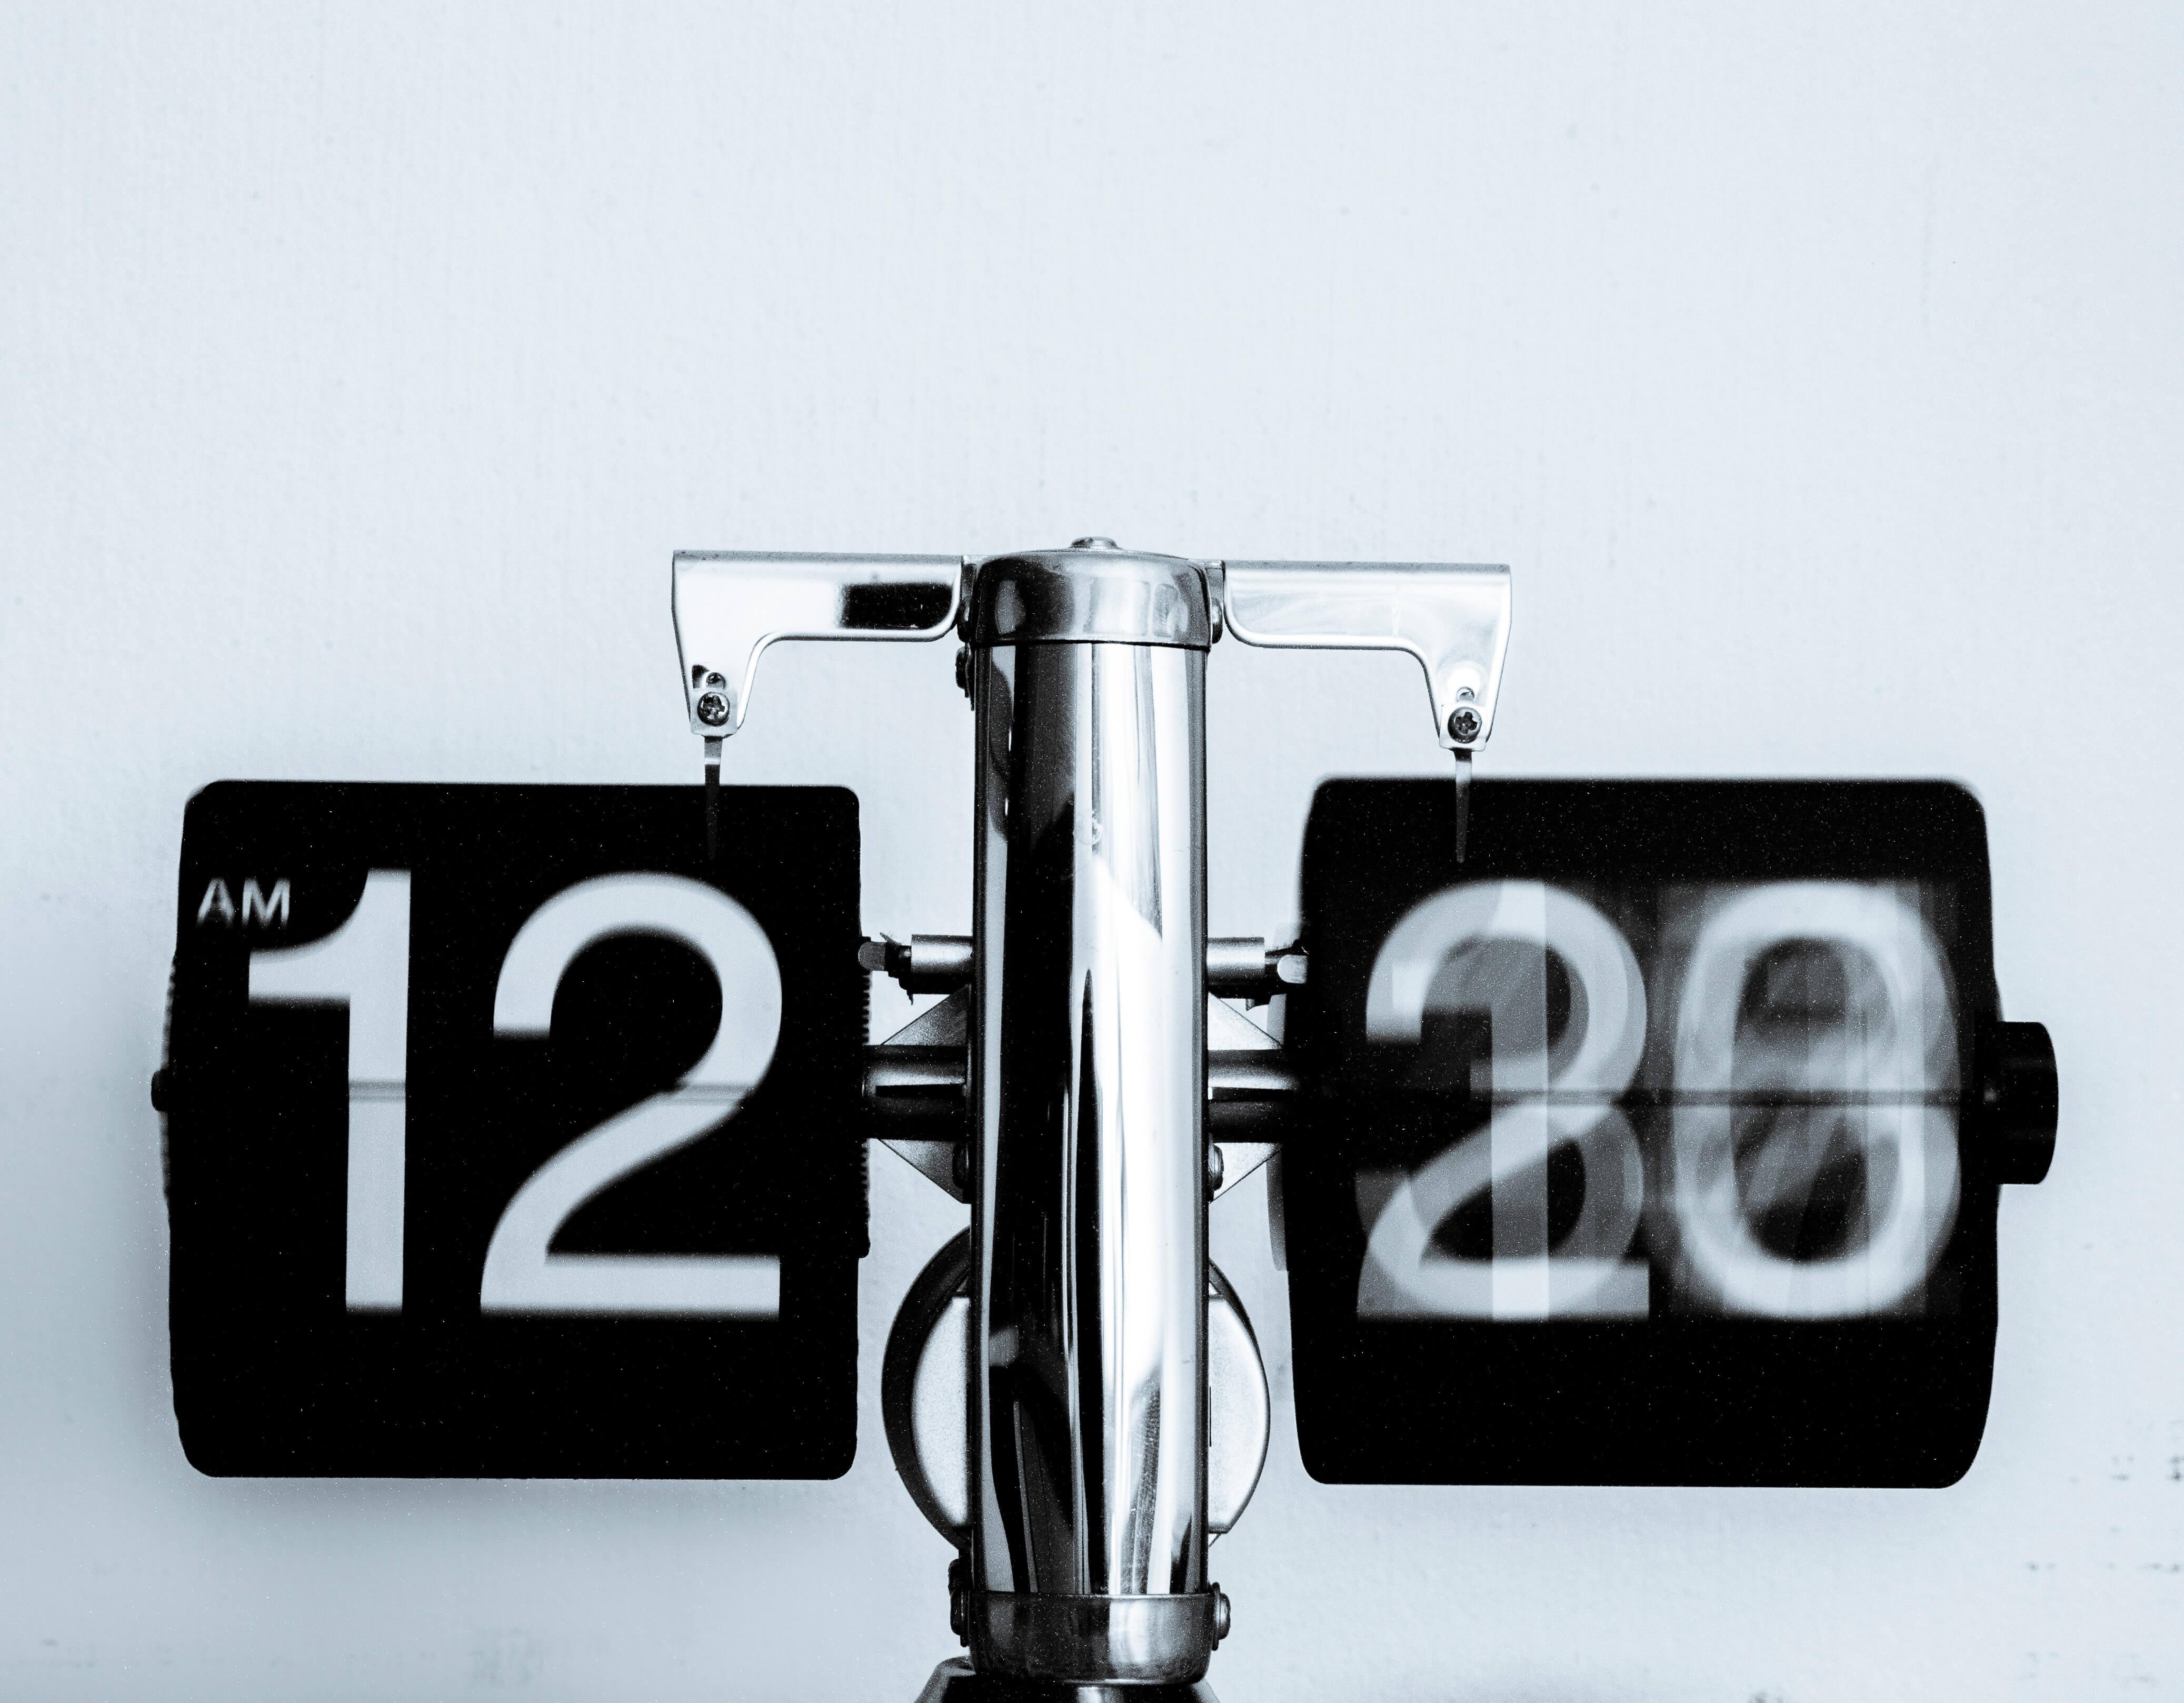 Relógio mudando de hora